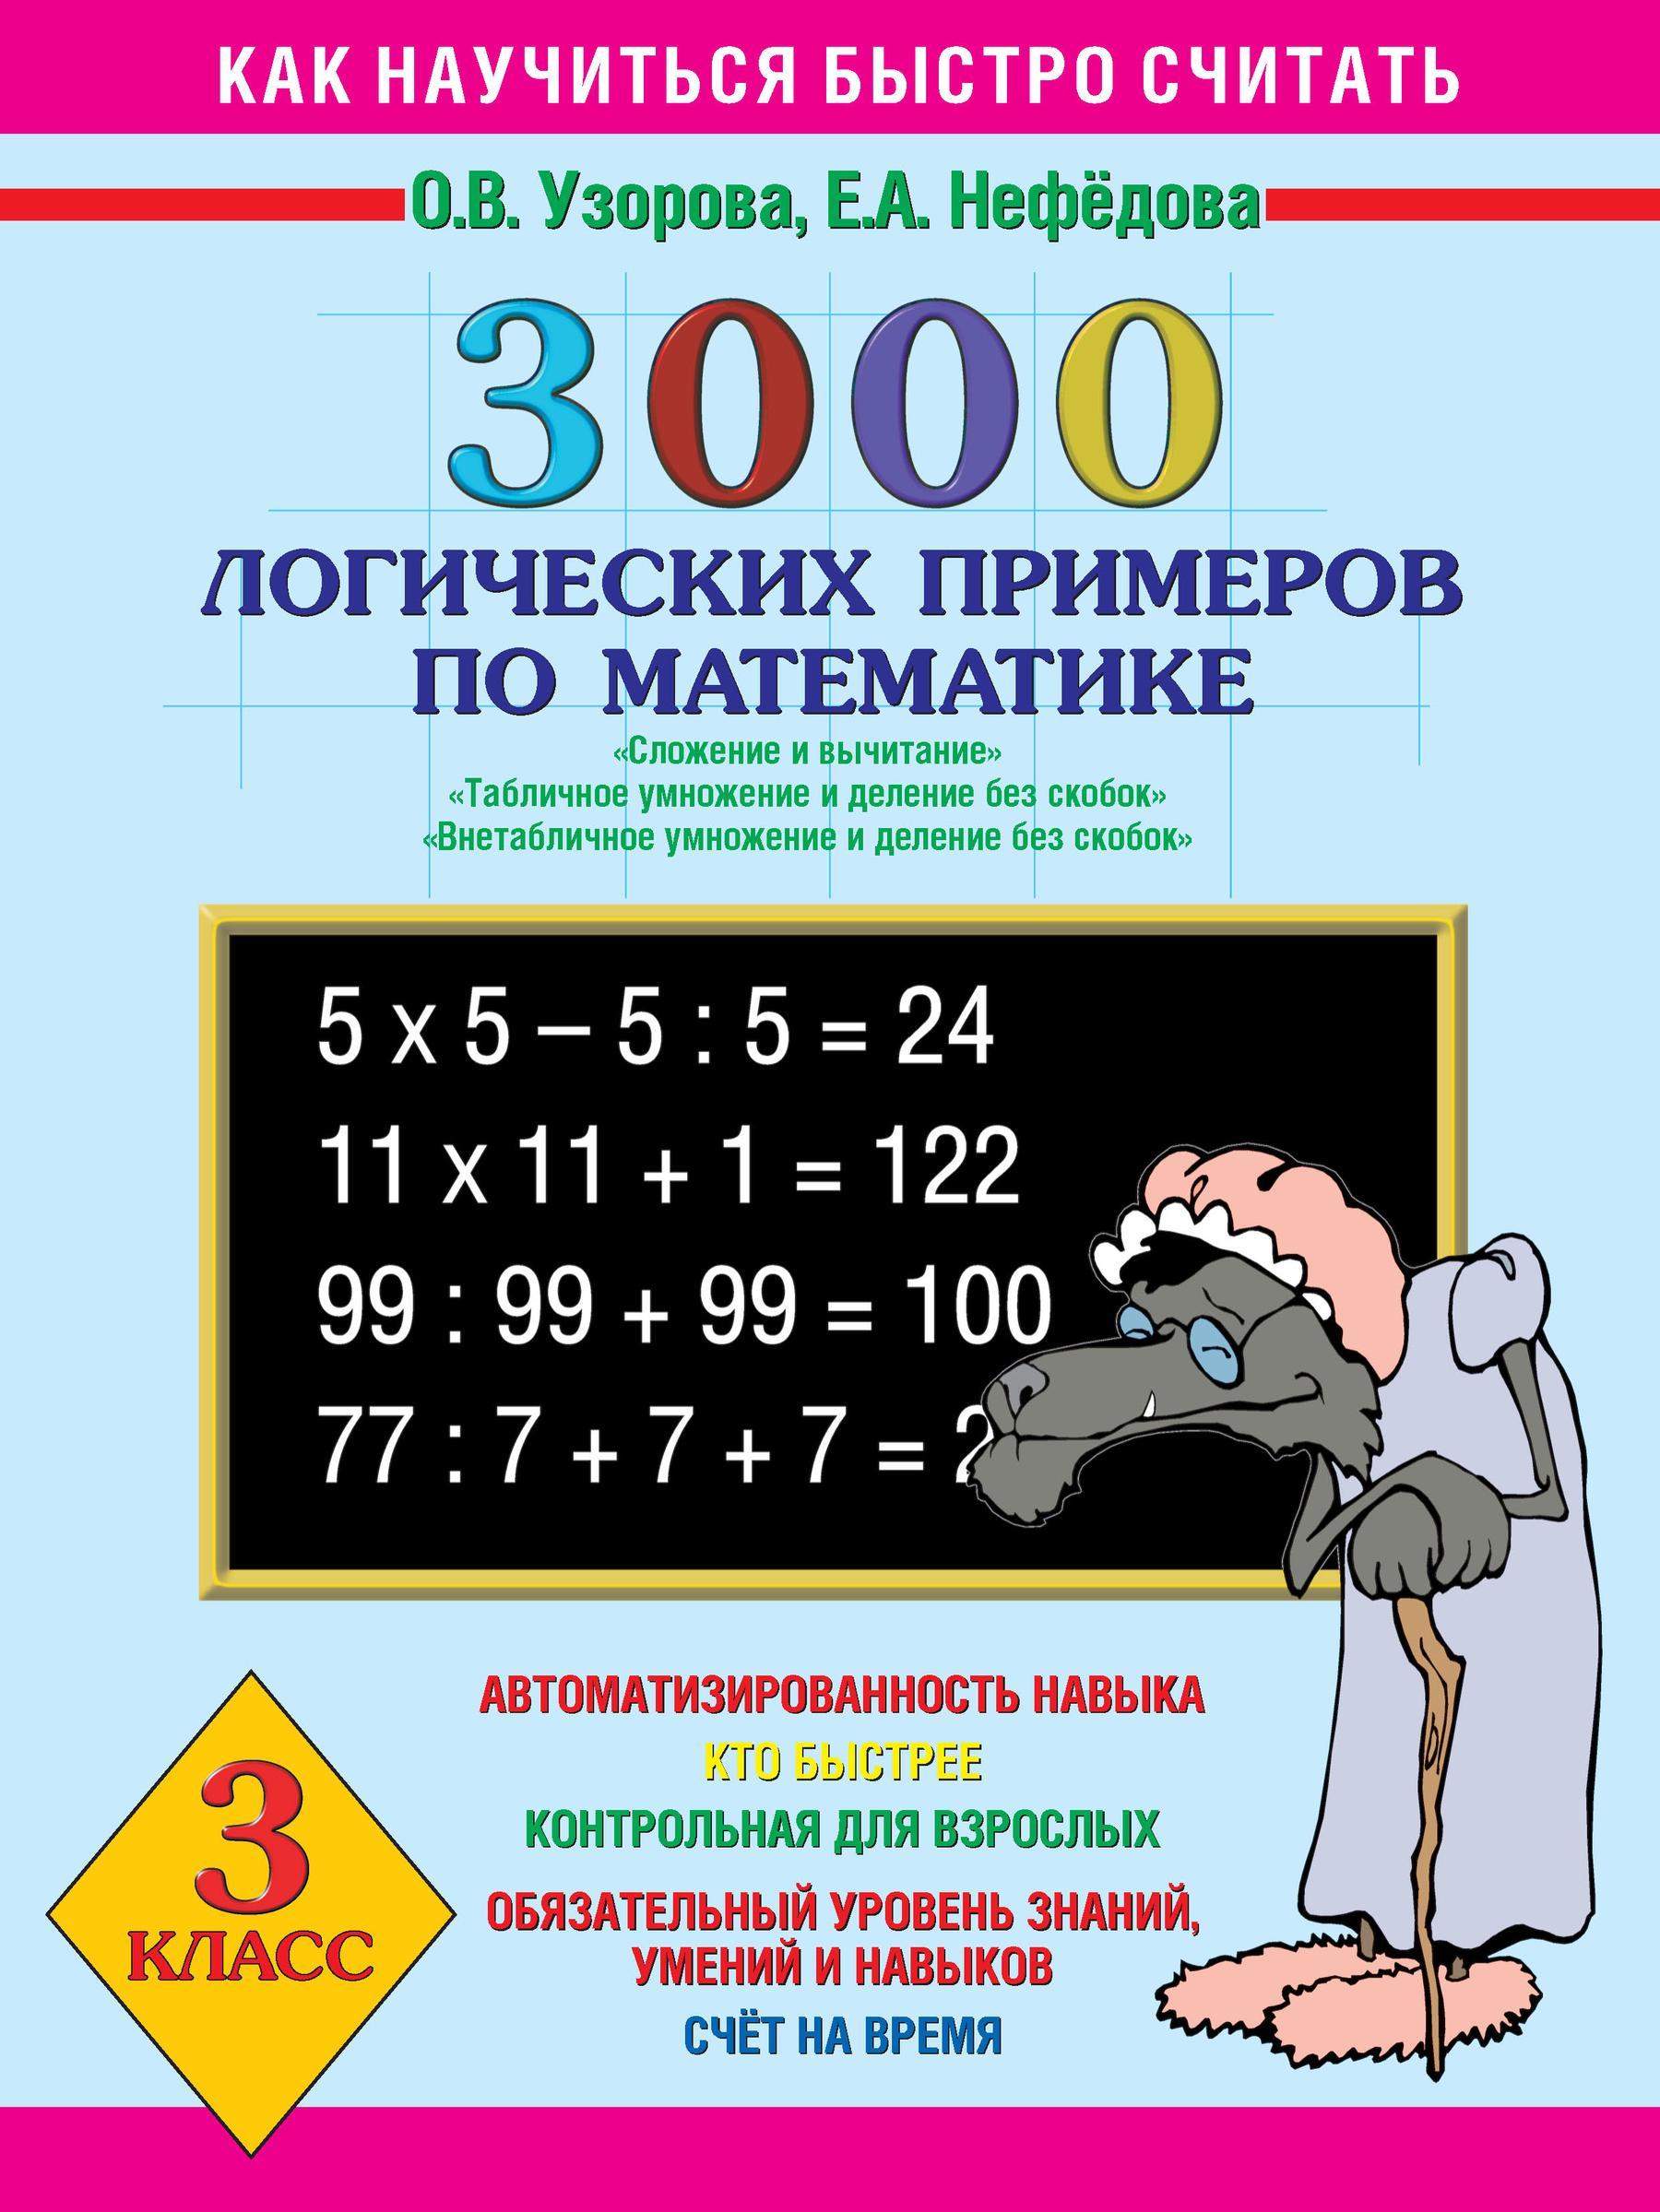 О. В. Узорова 3000 логических примеров по математике. Сложение и вычитание. Табличное умножение и деление без скобок. Внетабличное умножение и деление без скобок. 3 класс узорова о в нефёдова е а 3000 примеров по математике внетабличное умножение и деление с ответами и методическими рекомендациями 4 класс